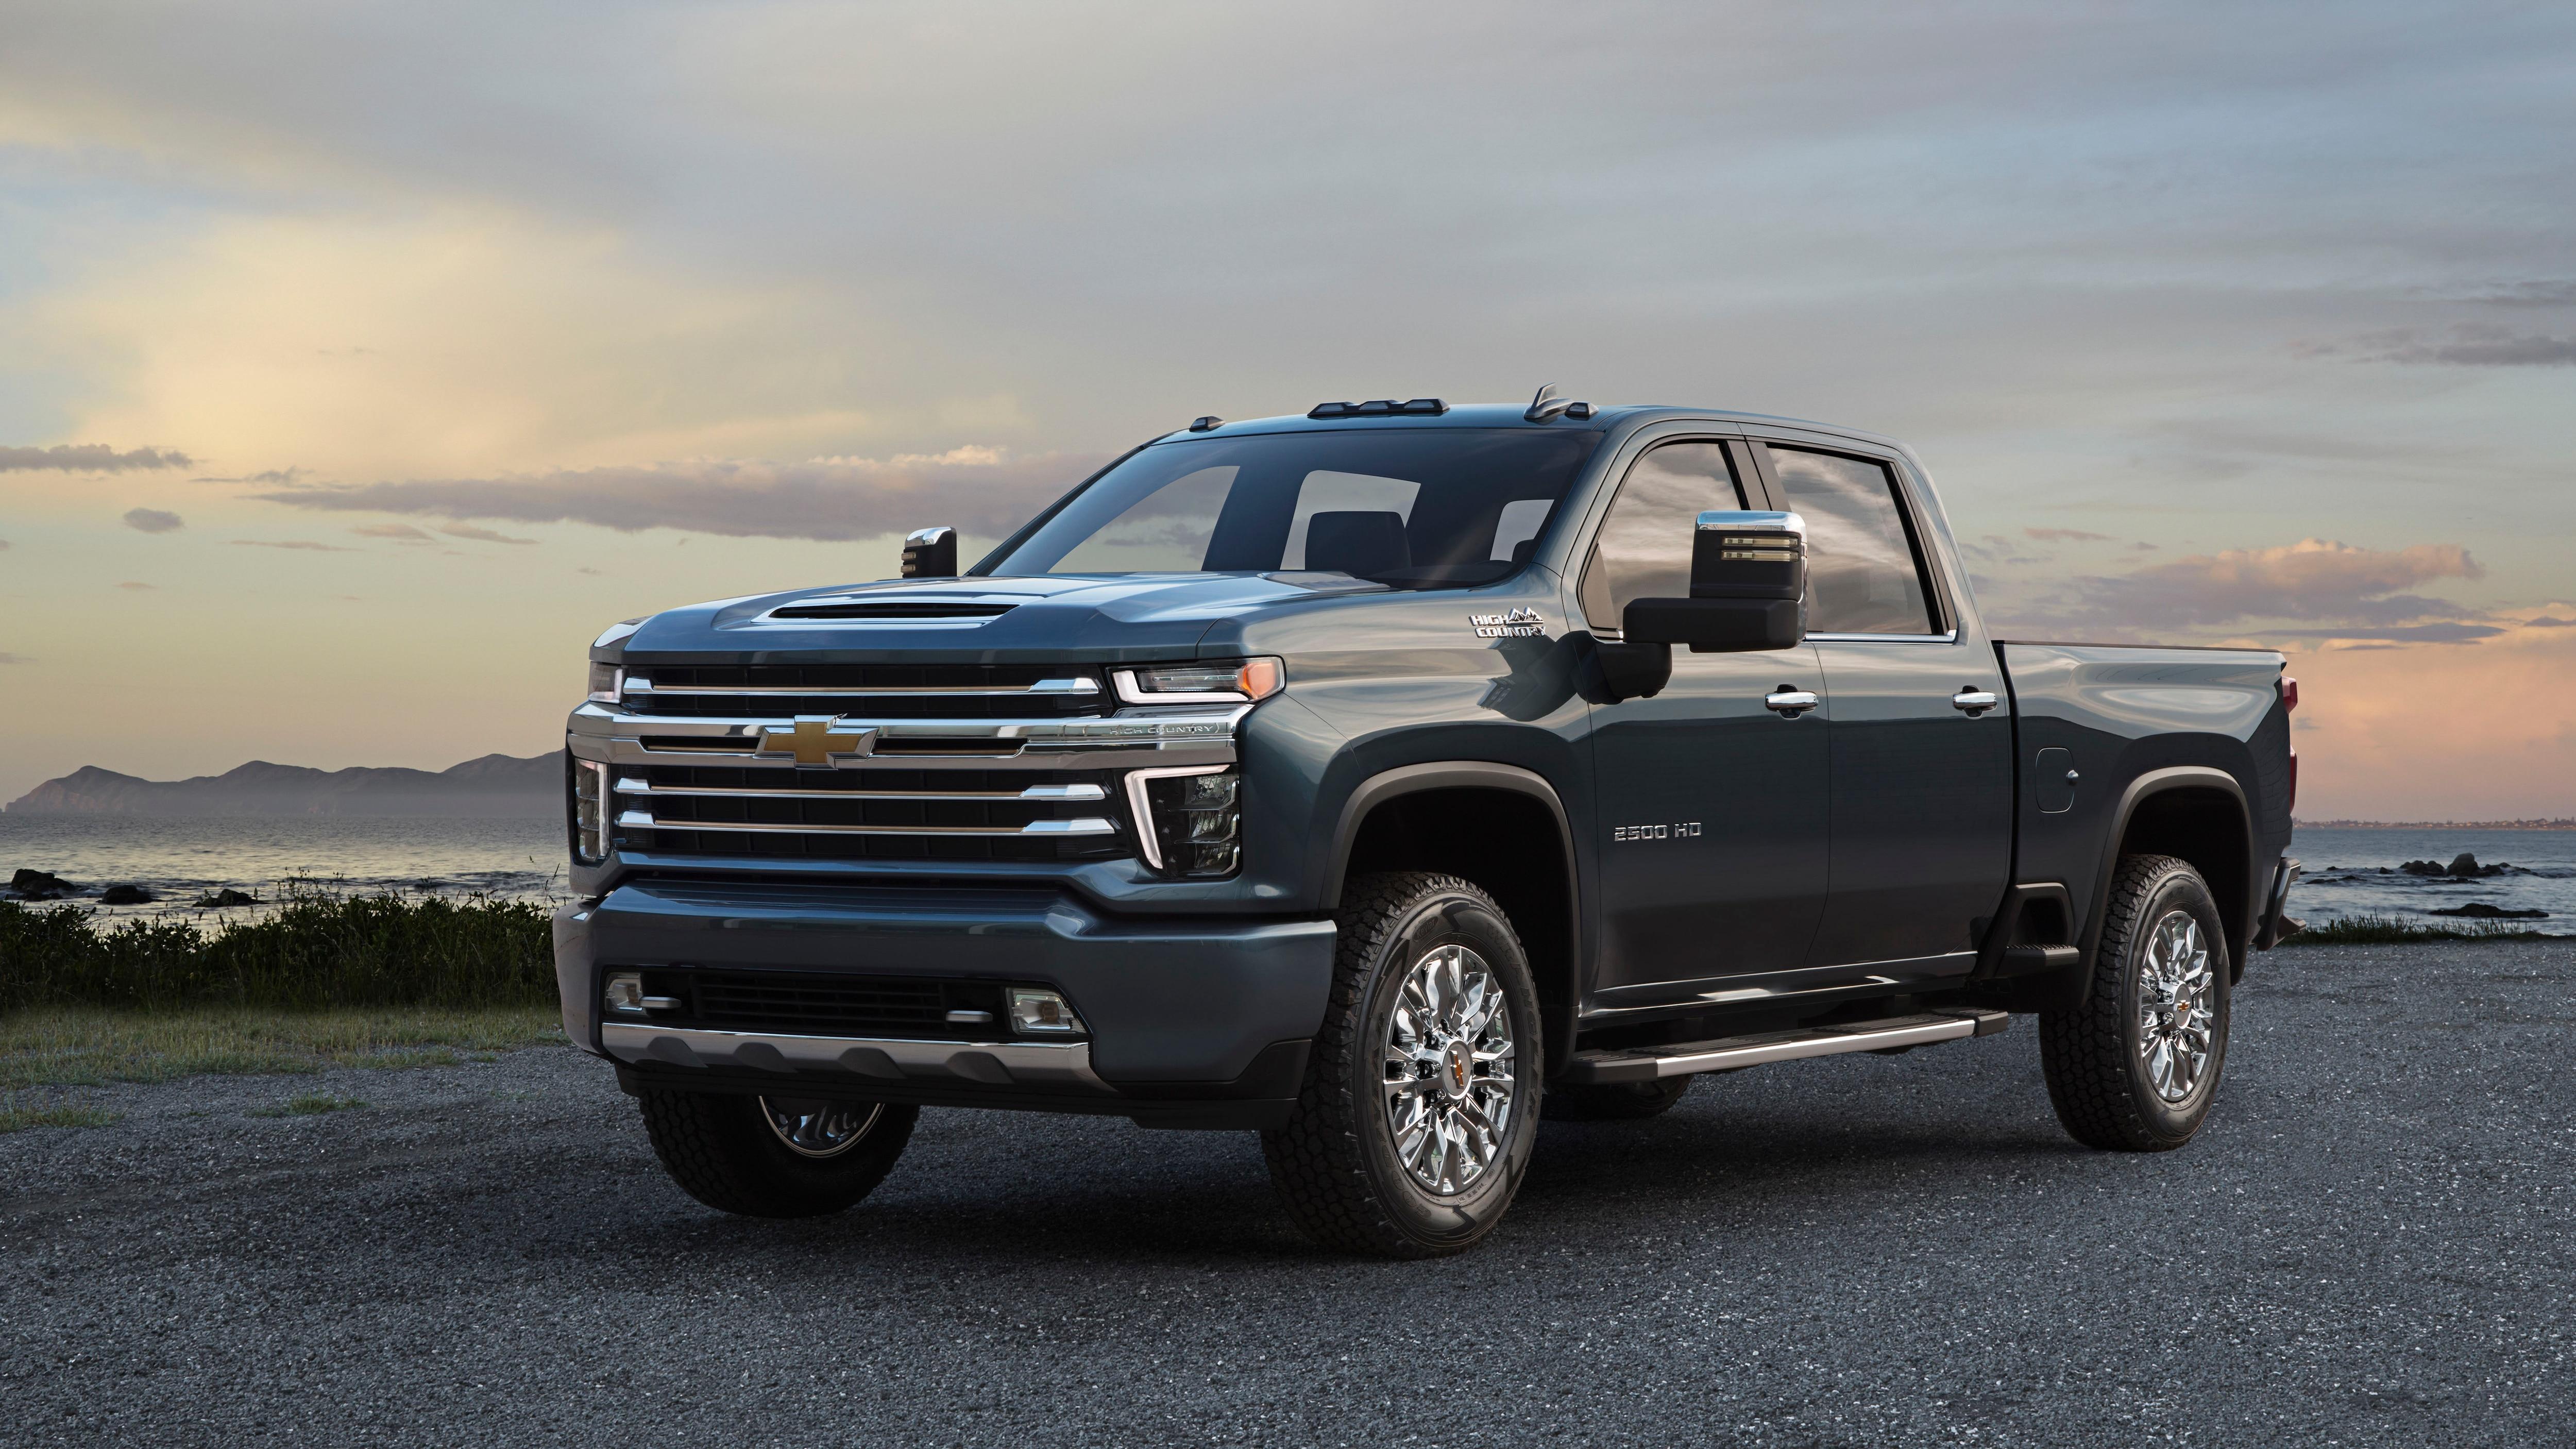 2020 Chevrolet Silverado HD High Country Gets Unique Grille   Automobile